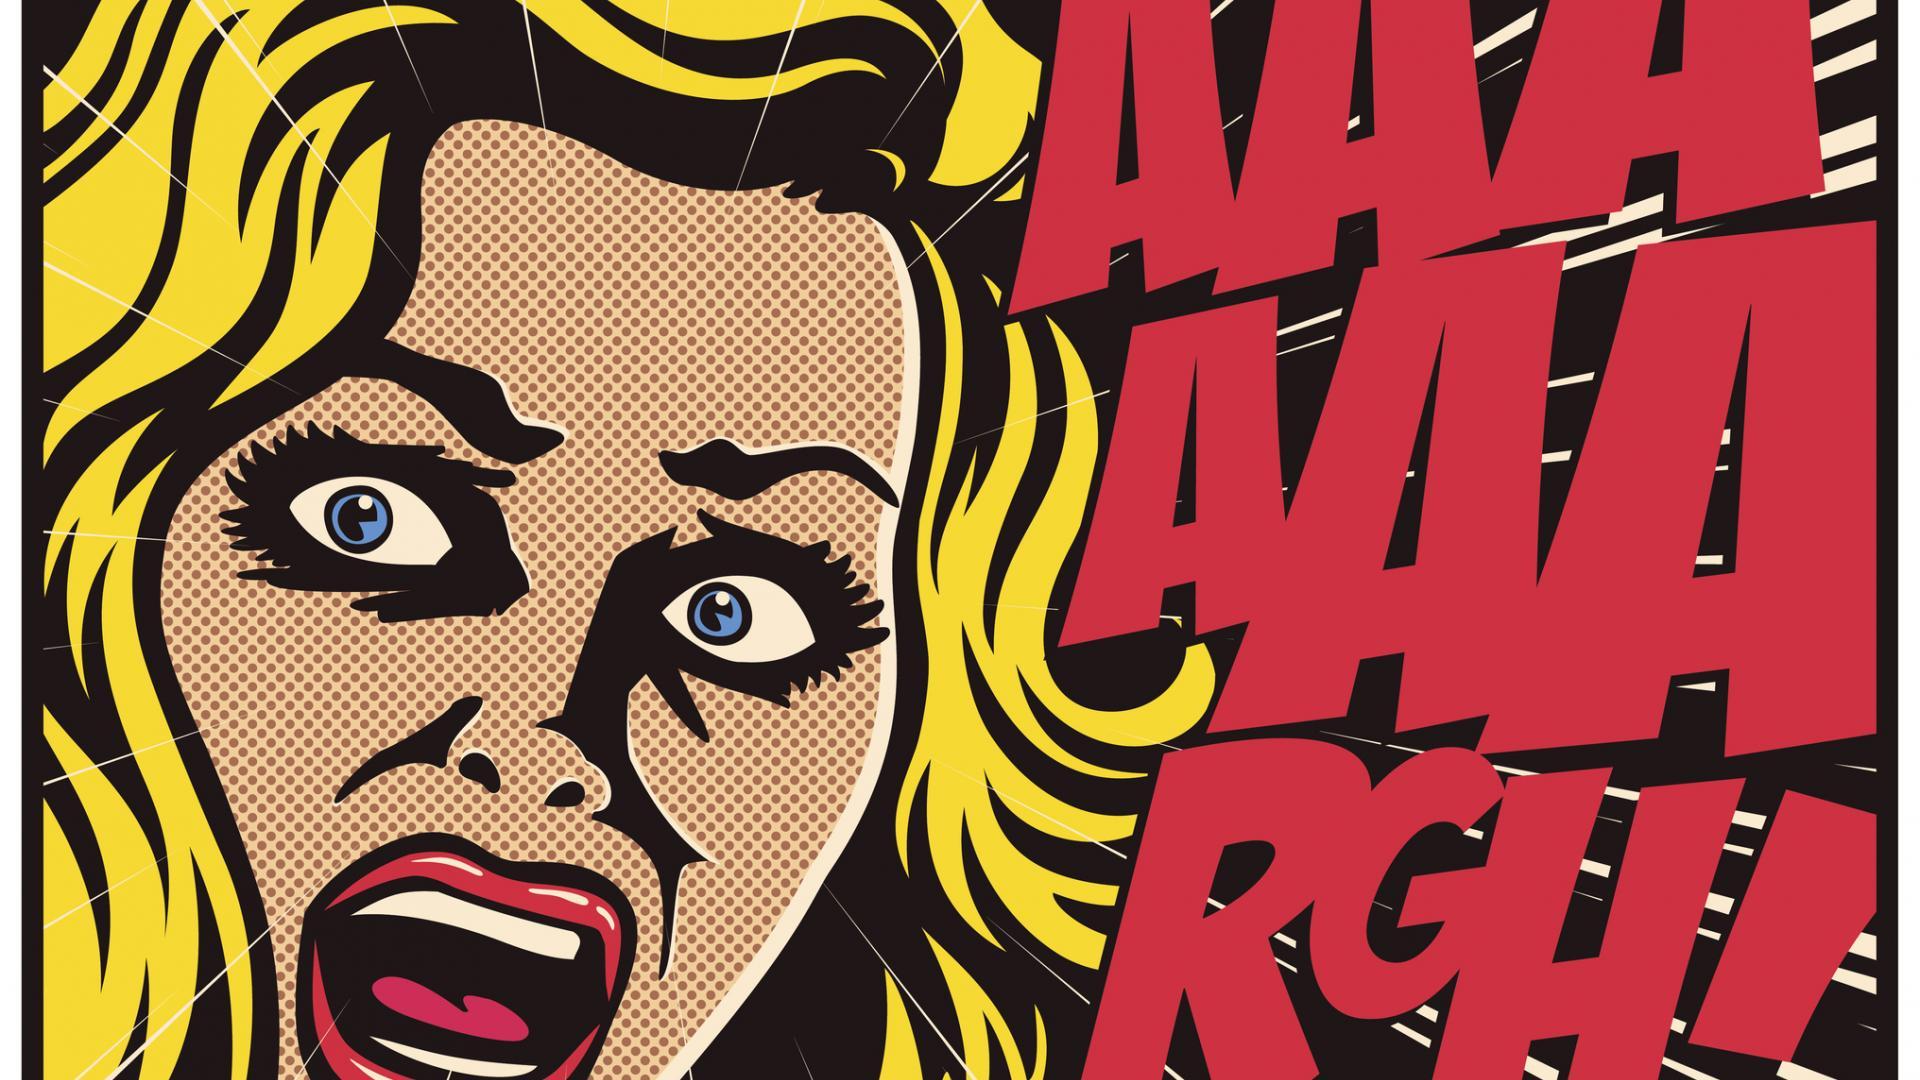 Frau Comic Angst